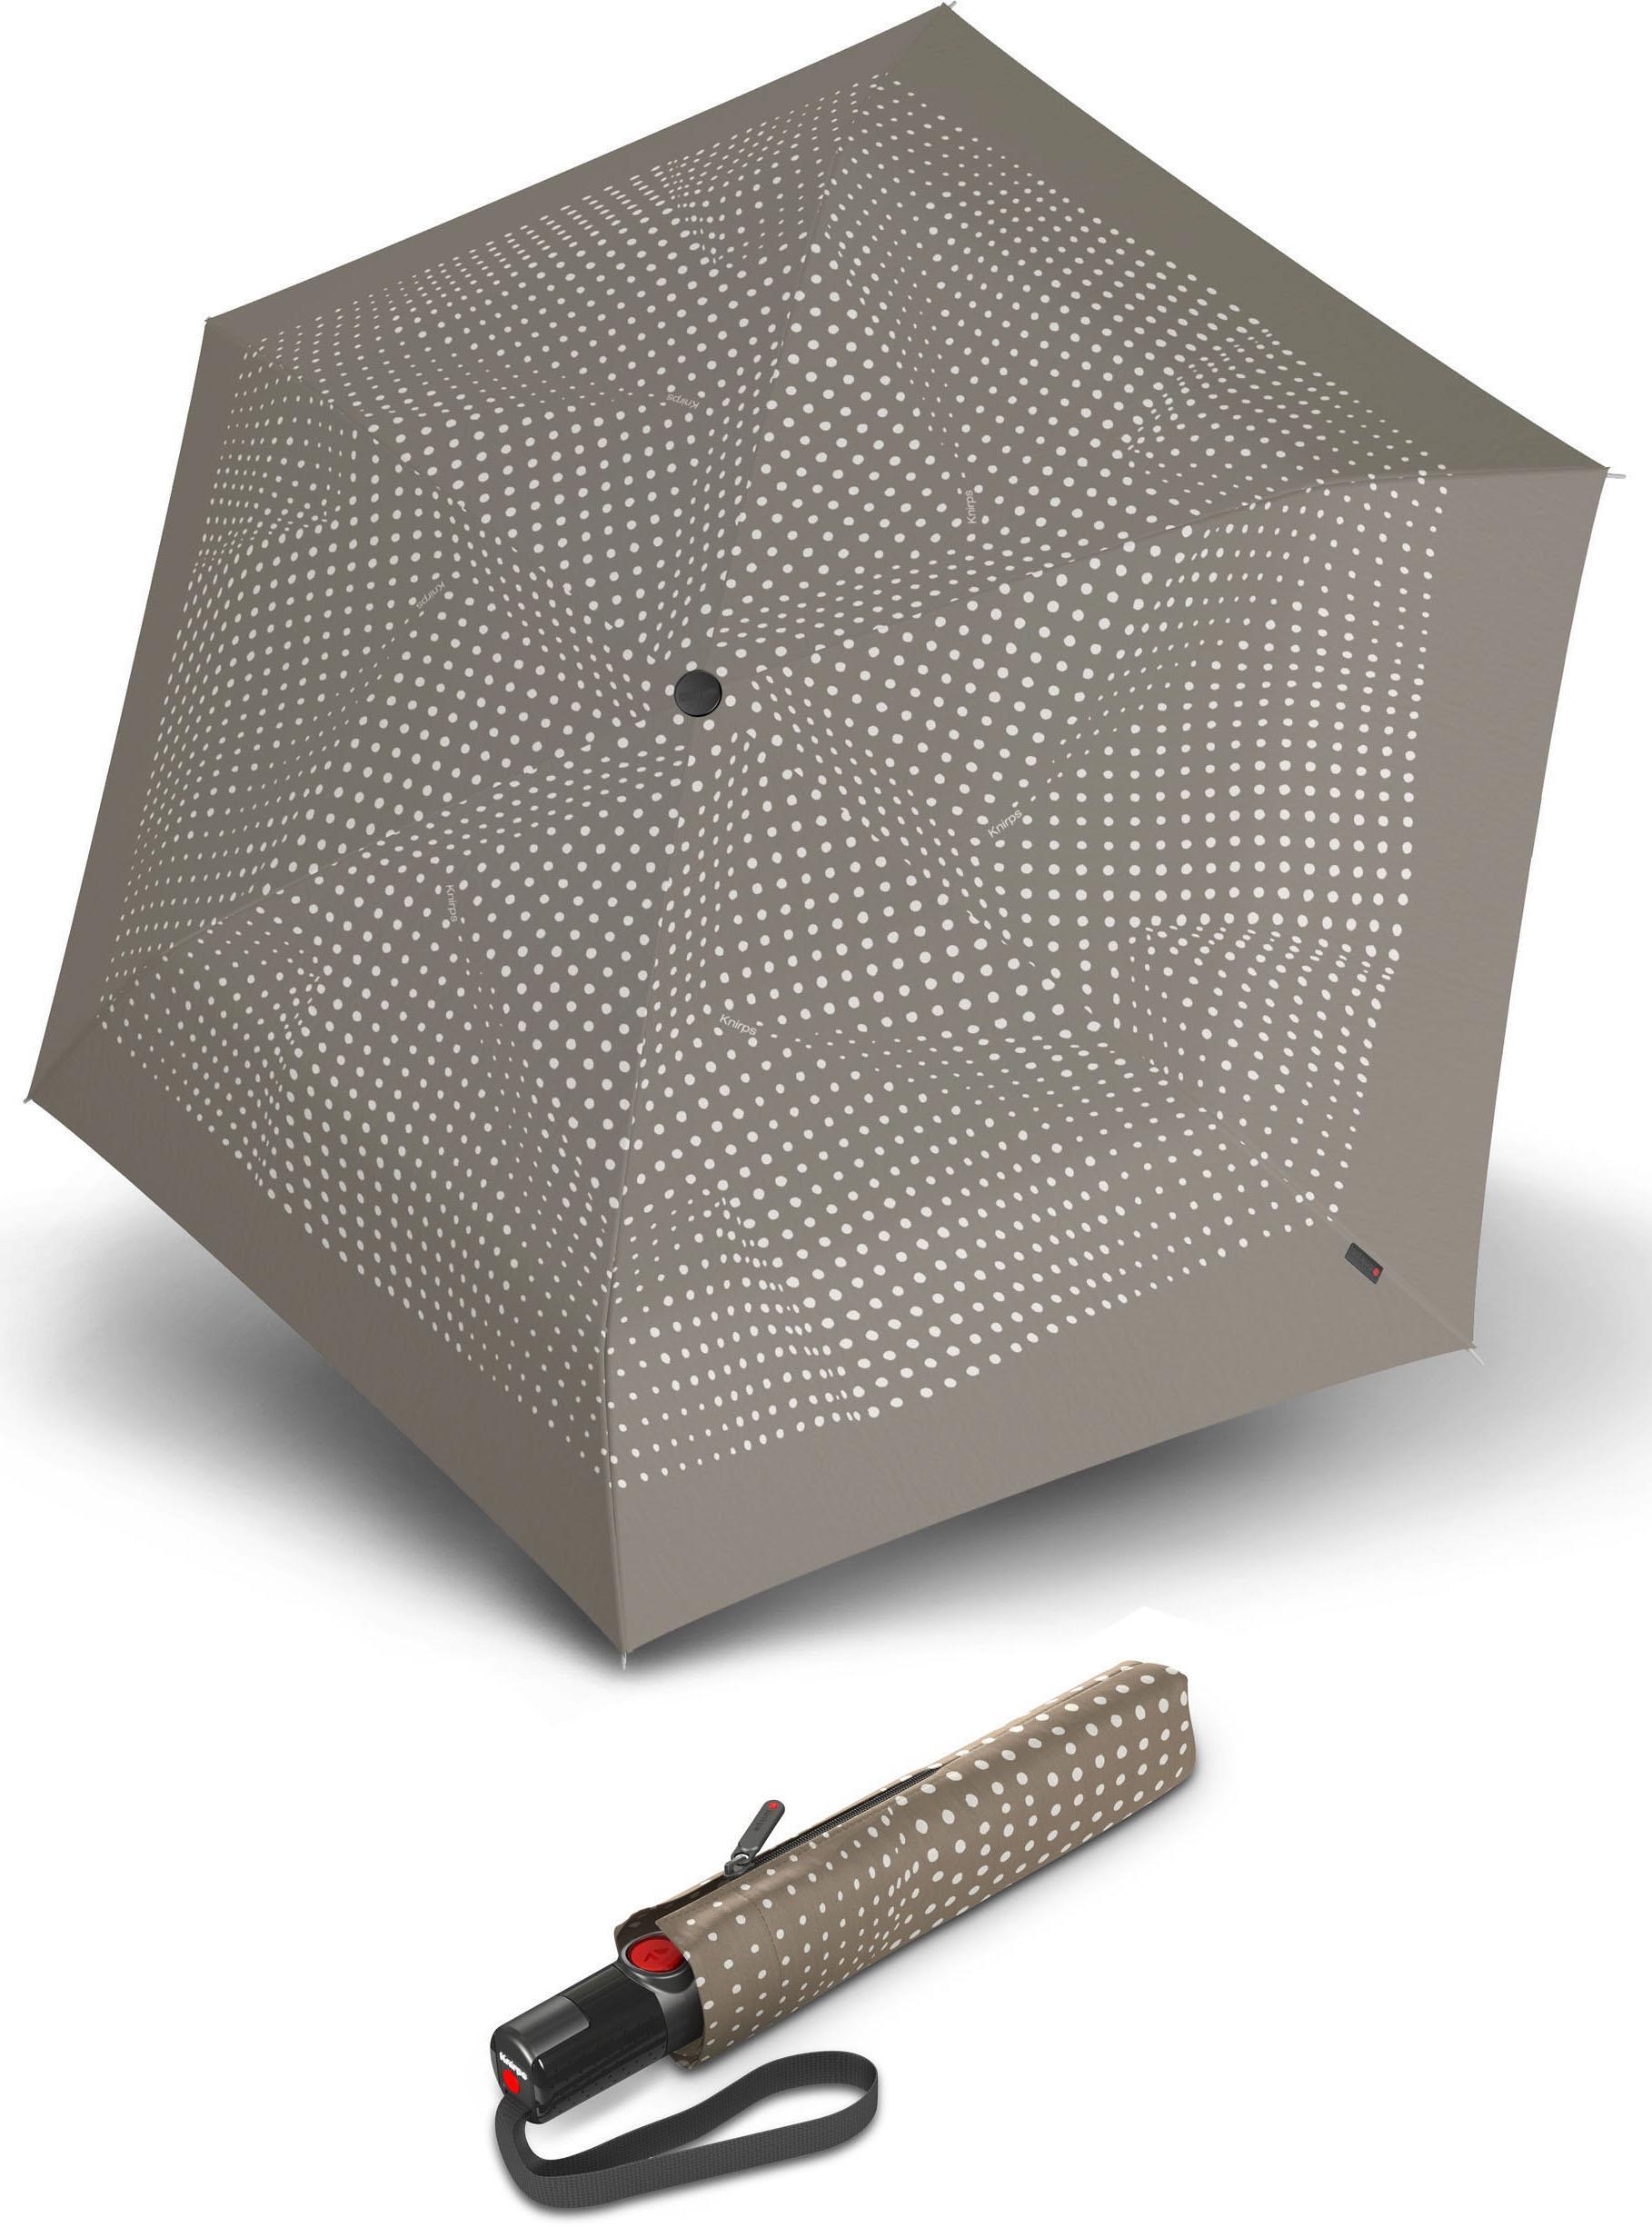 Knirps® Regenschirm - Taschenschirm, »TS.200 Slim Medium Duomatic bolero taupe«   Accessoires > Regenschirme > Taschenschirme   Grau   Wo   KNIRPS